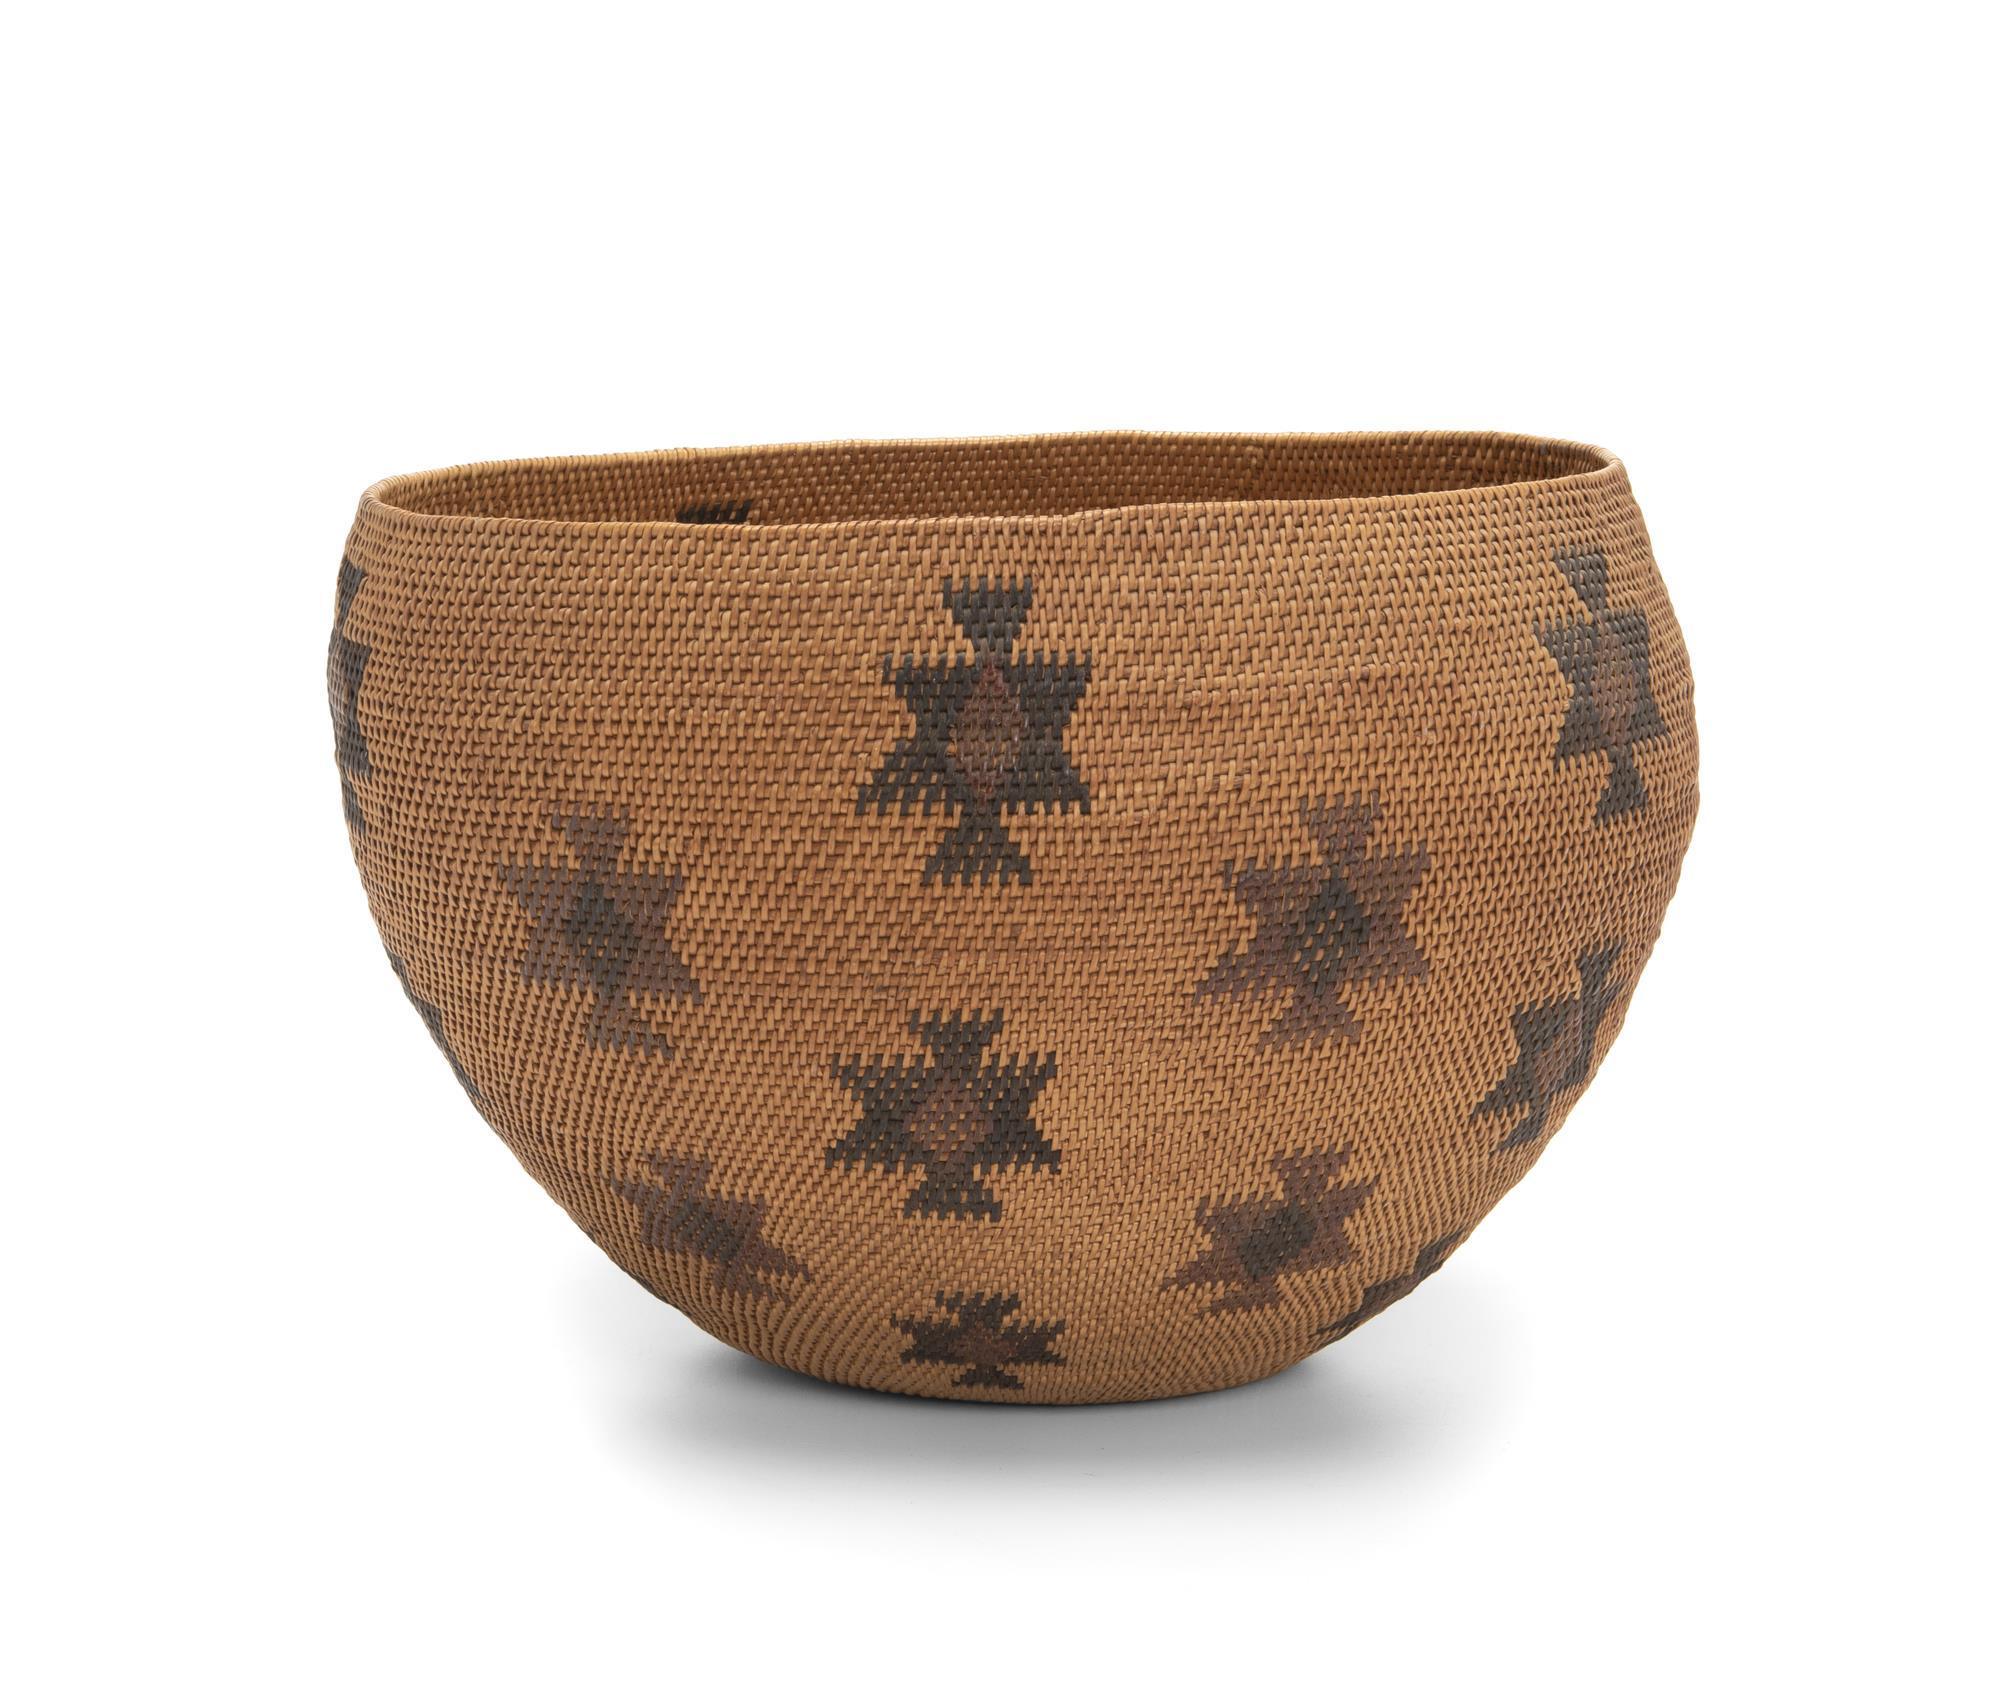 A Miwak/Paiute basket